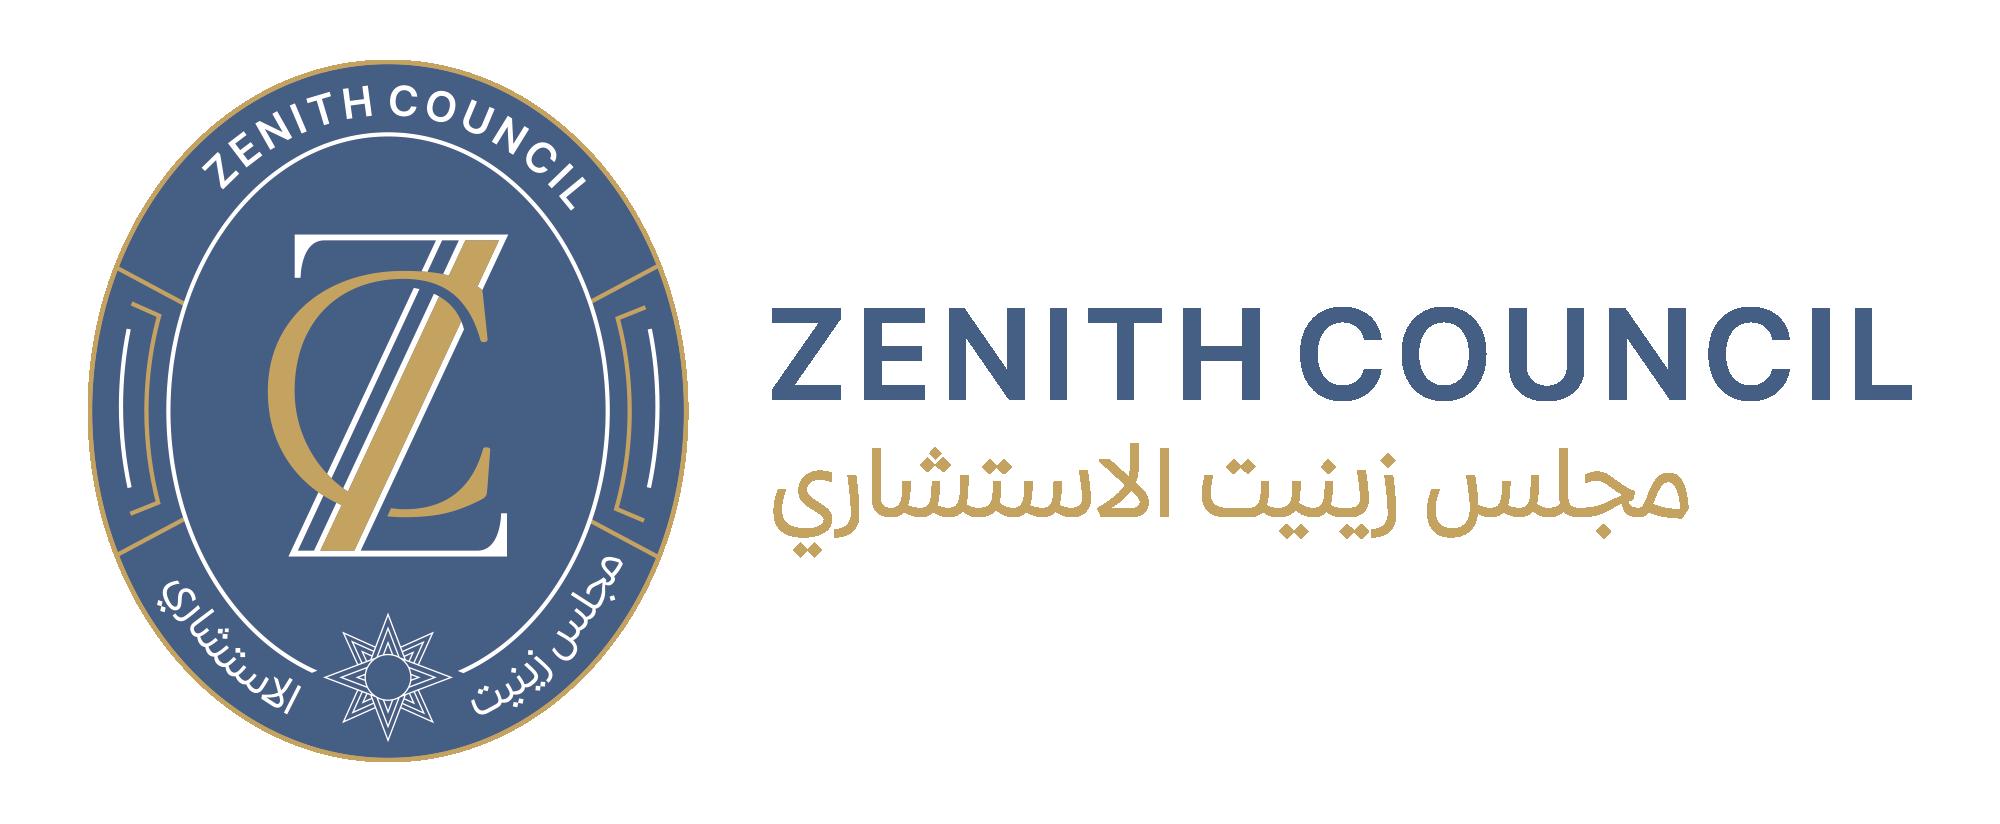 Zenith Council